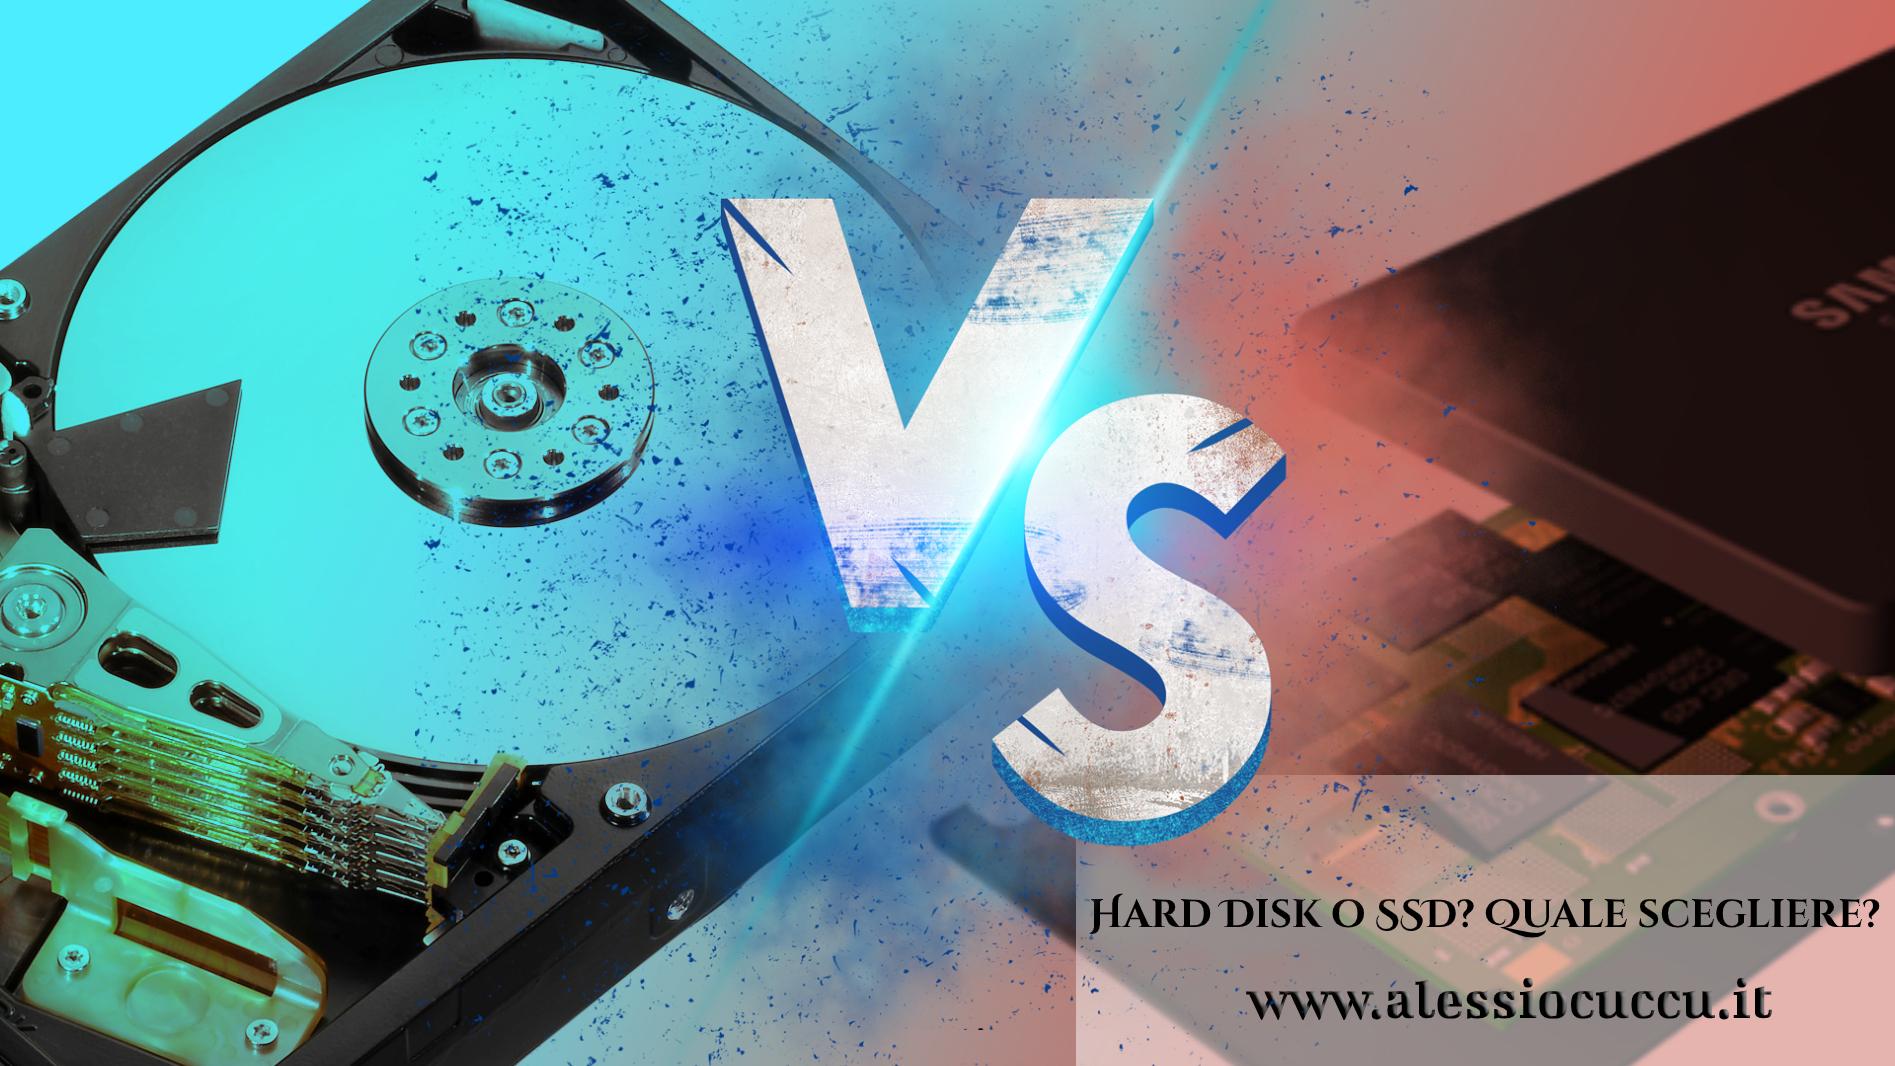 Hard Disk o SSD? Quale scegliere?